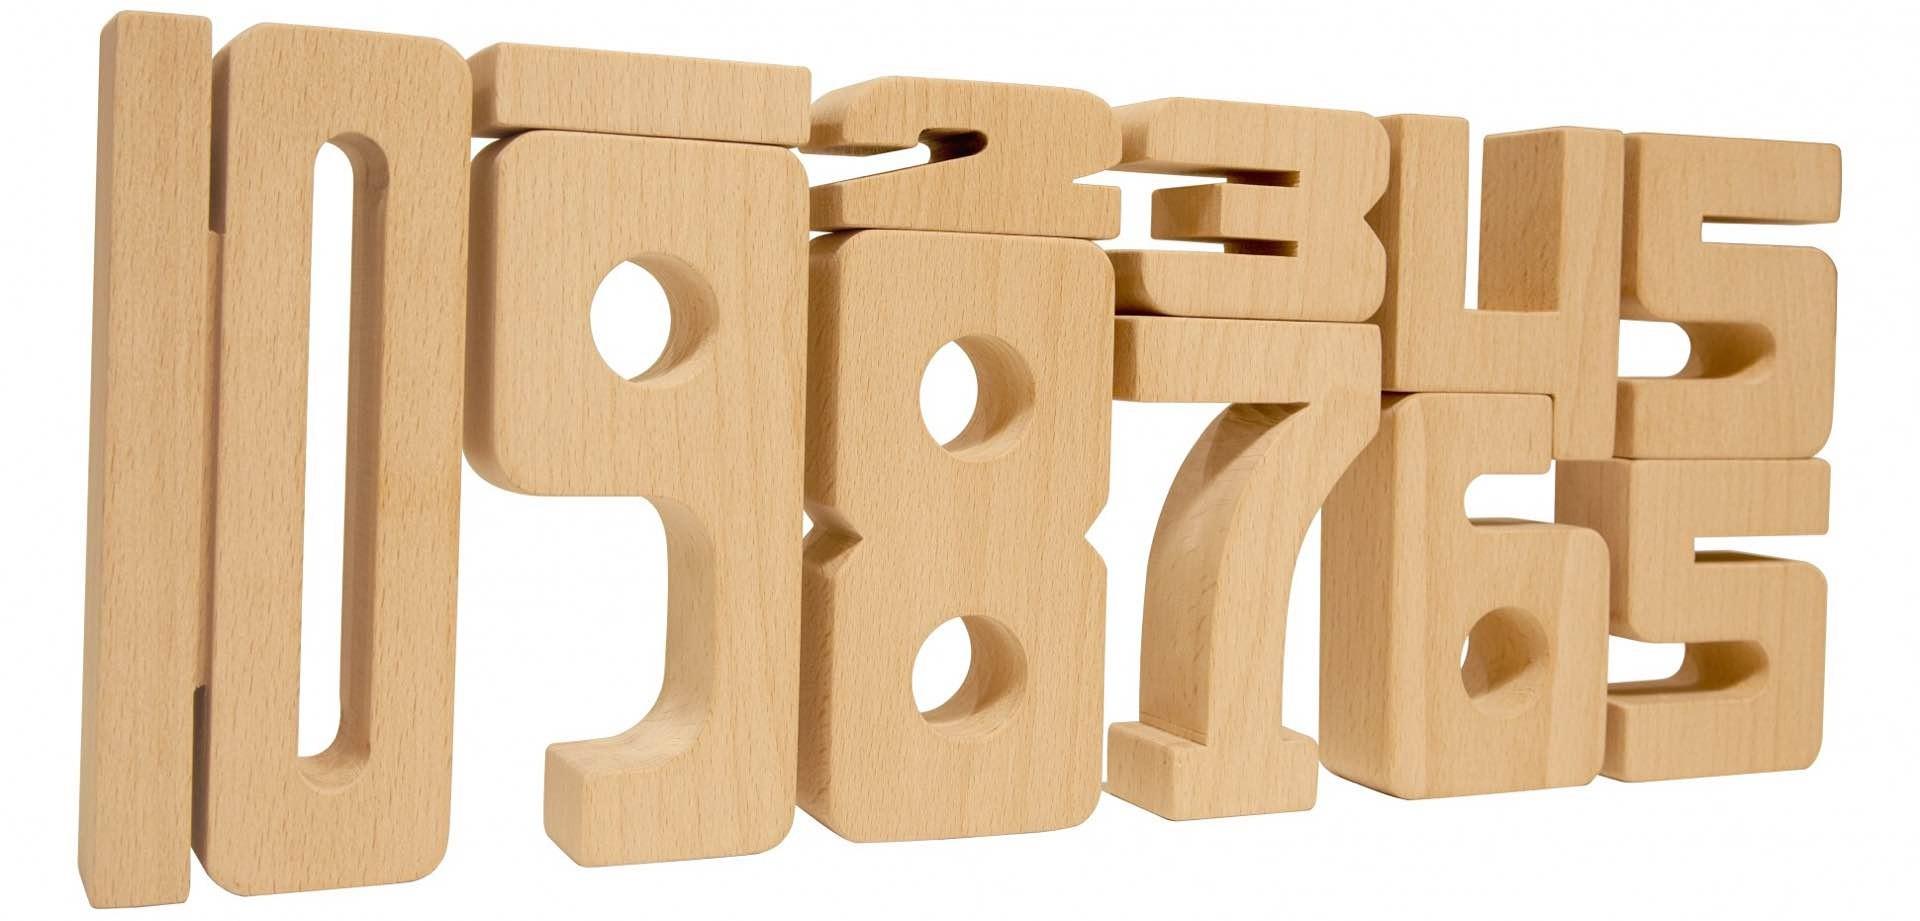 SumBlox math building blocks. ($120)